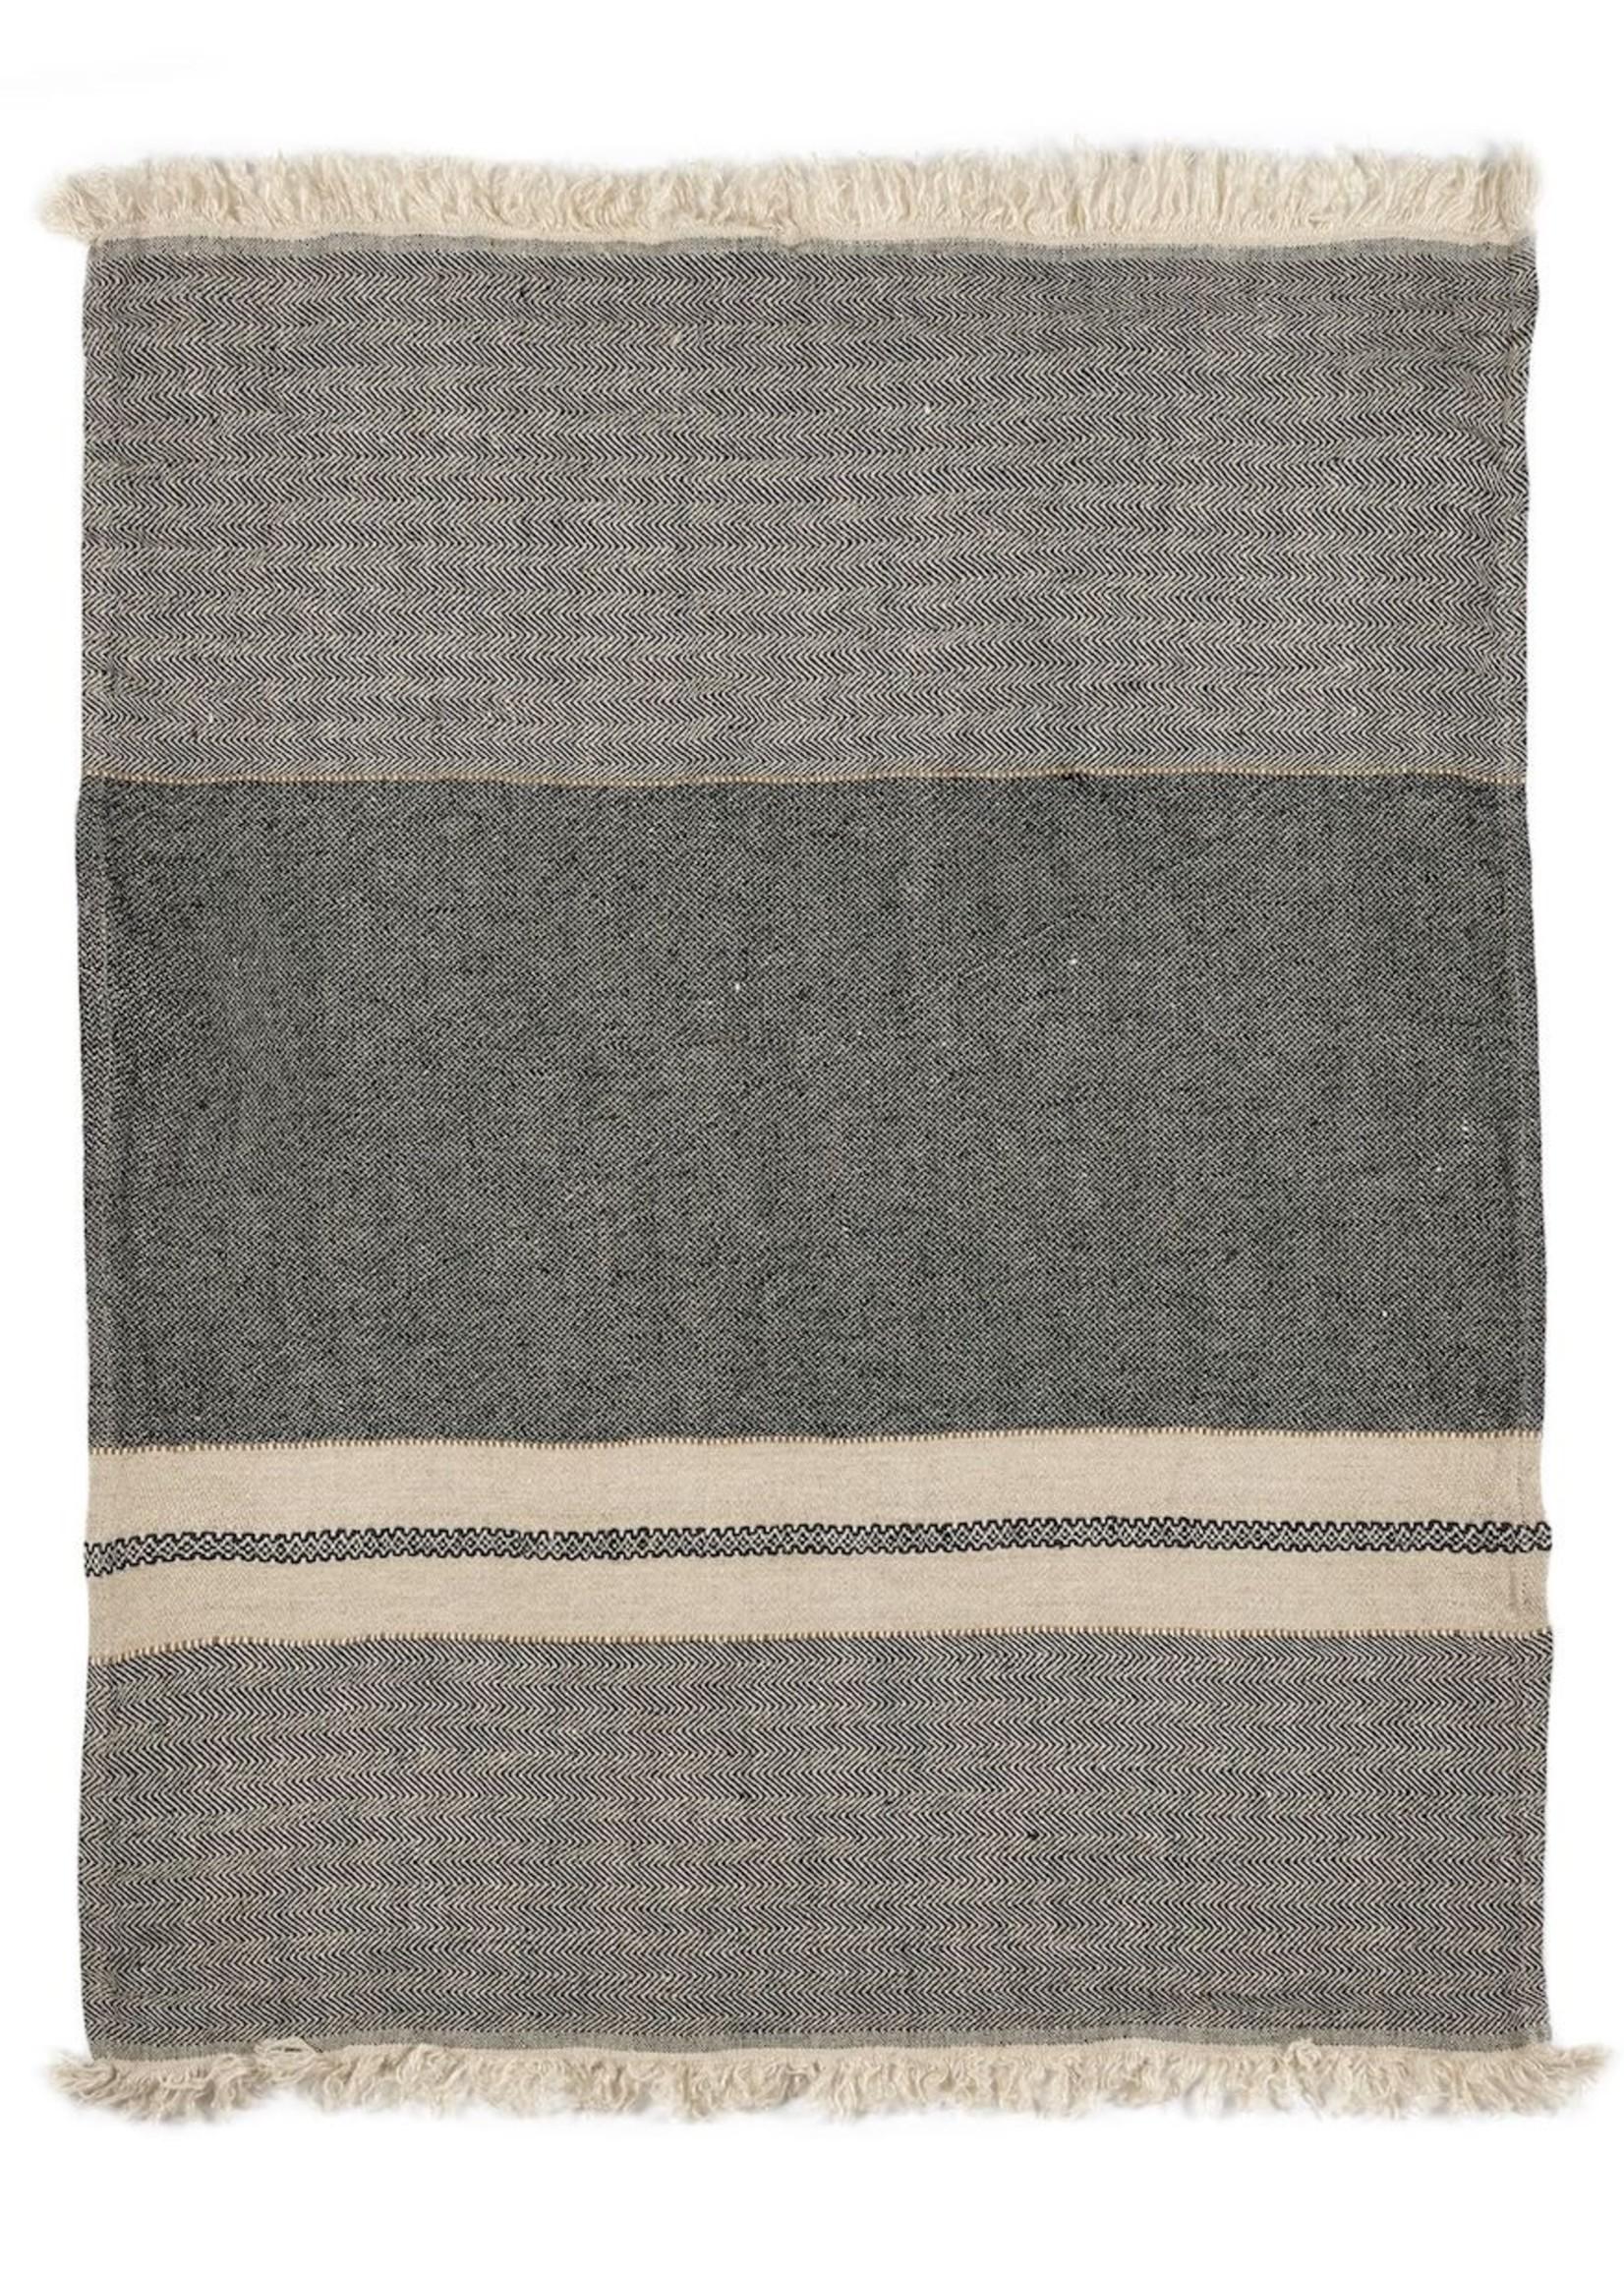 Libeco Libeco Tack Stripe Linen Towels